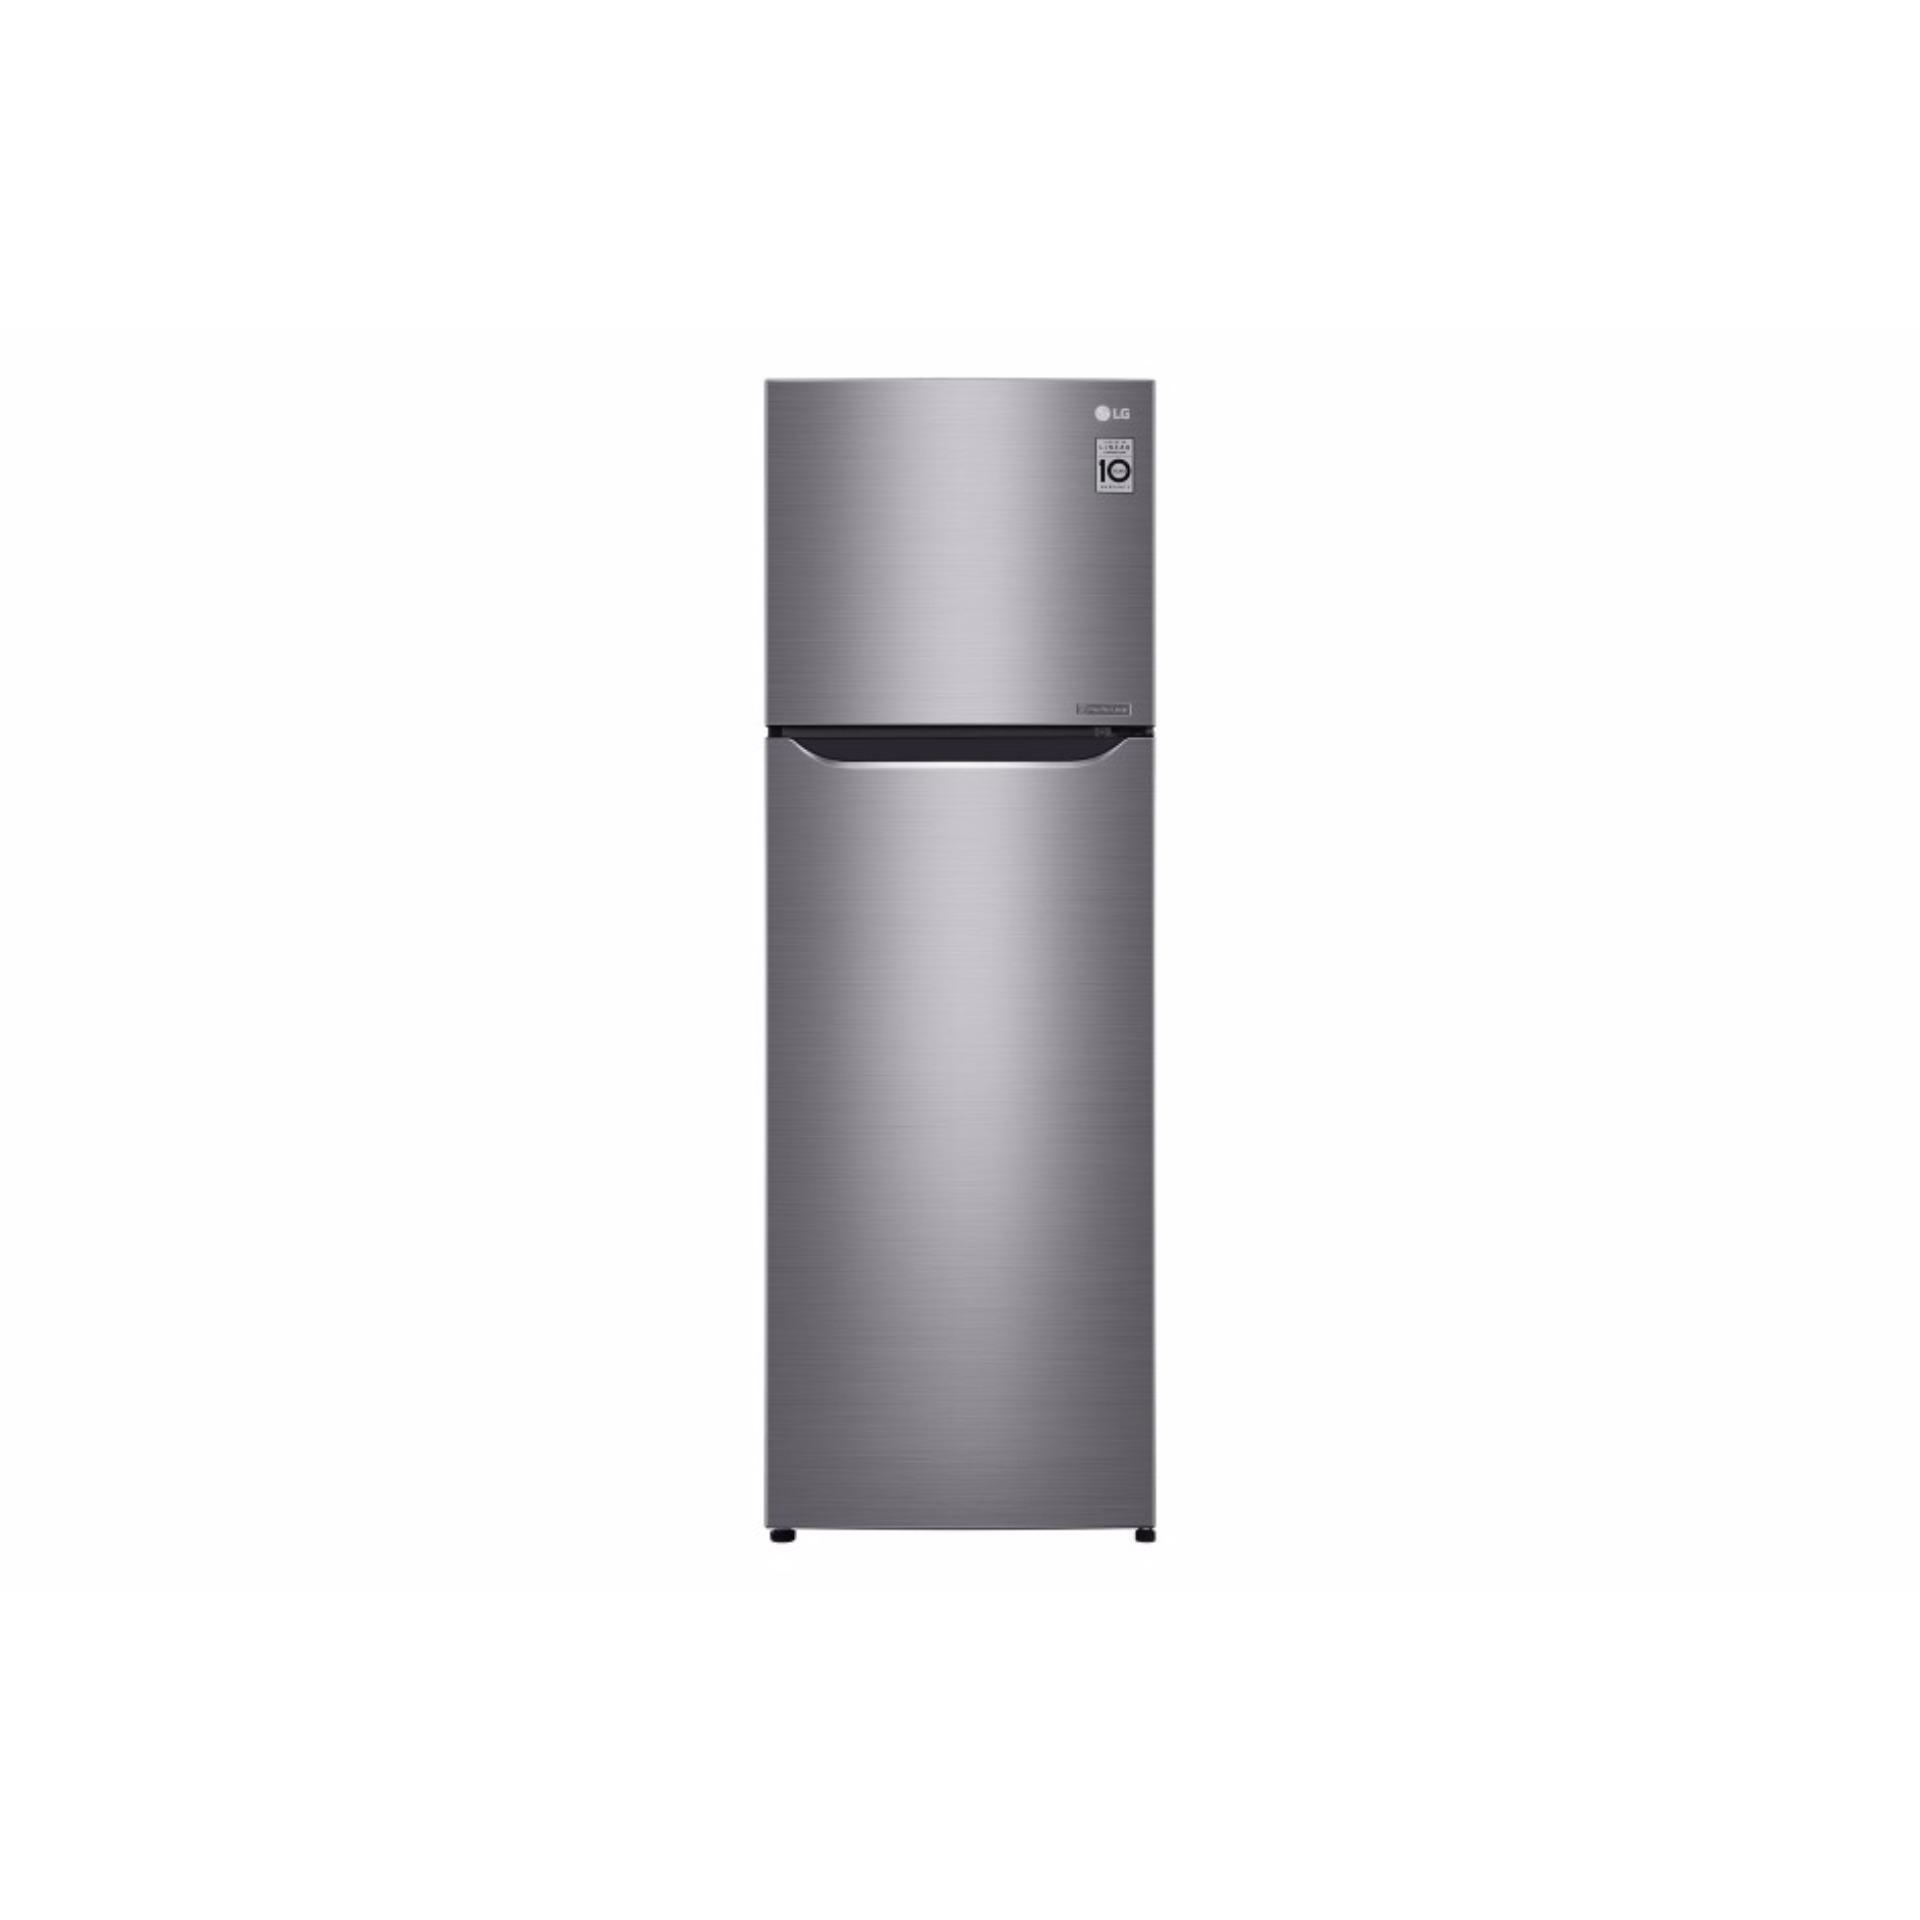 Tủ lạnh LG Inverter 209 lít GN-L225S